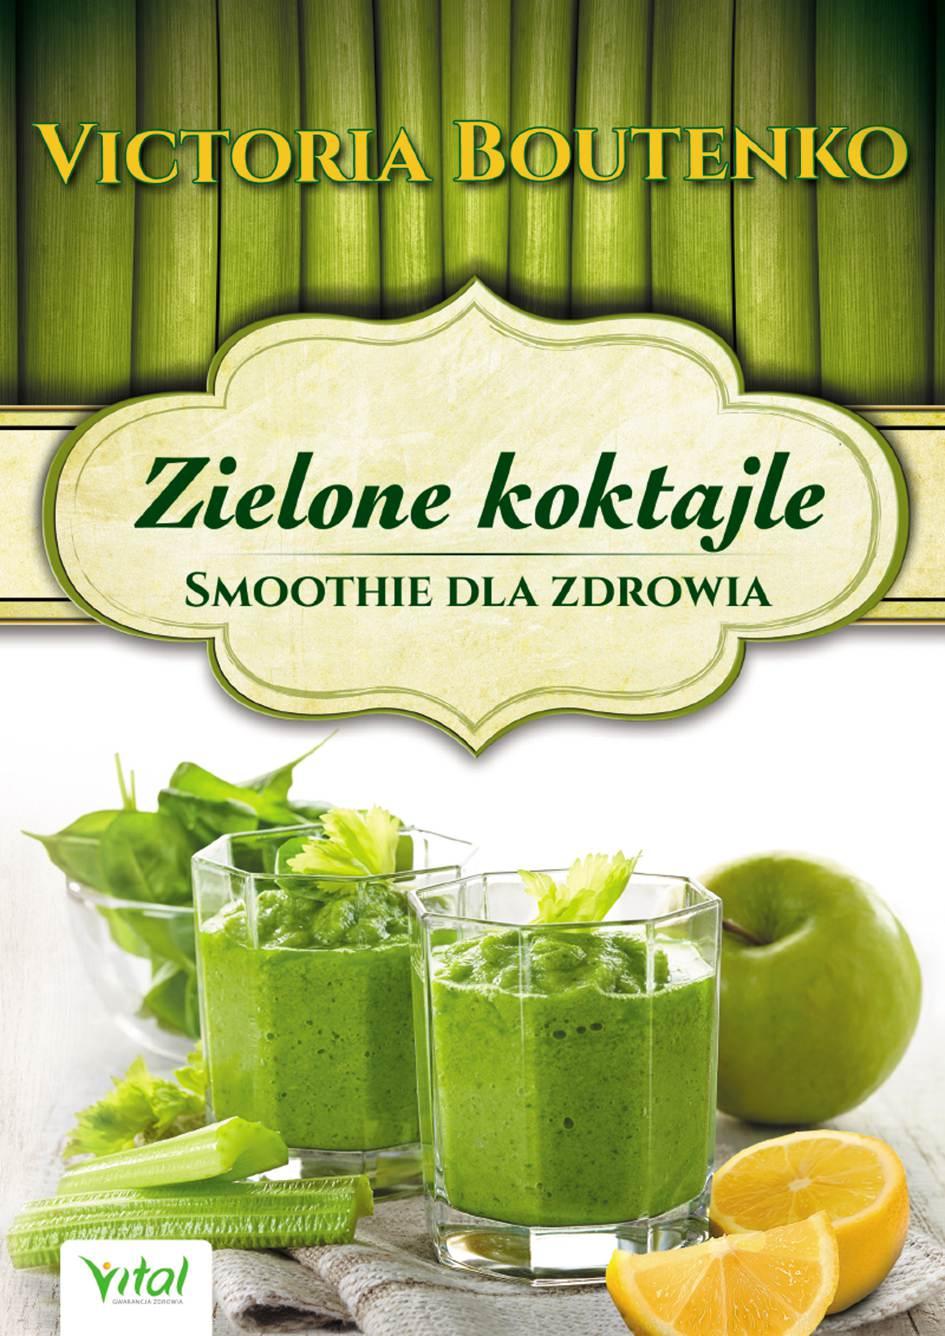 Zielone koktajle. Smoothie dla zdrowia - Ebook (Książka EPUB) do pobrania w formacie EPUB